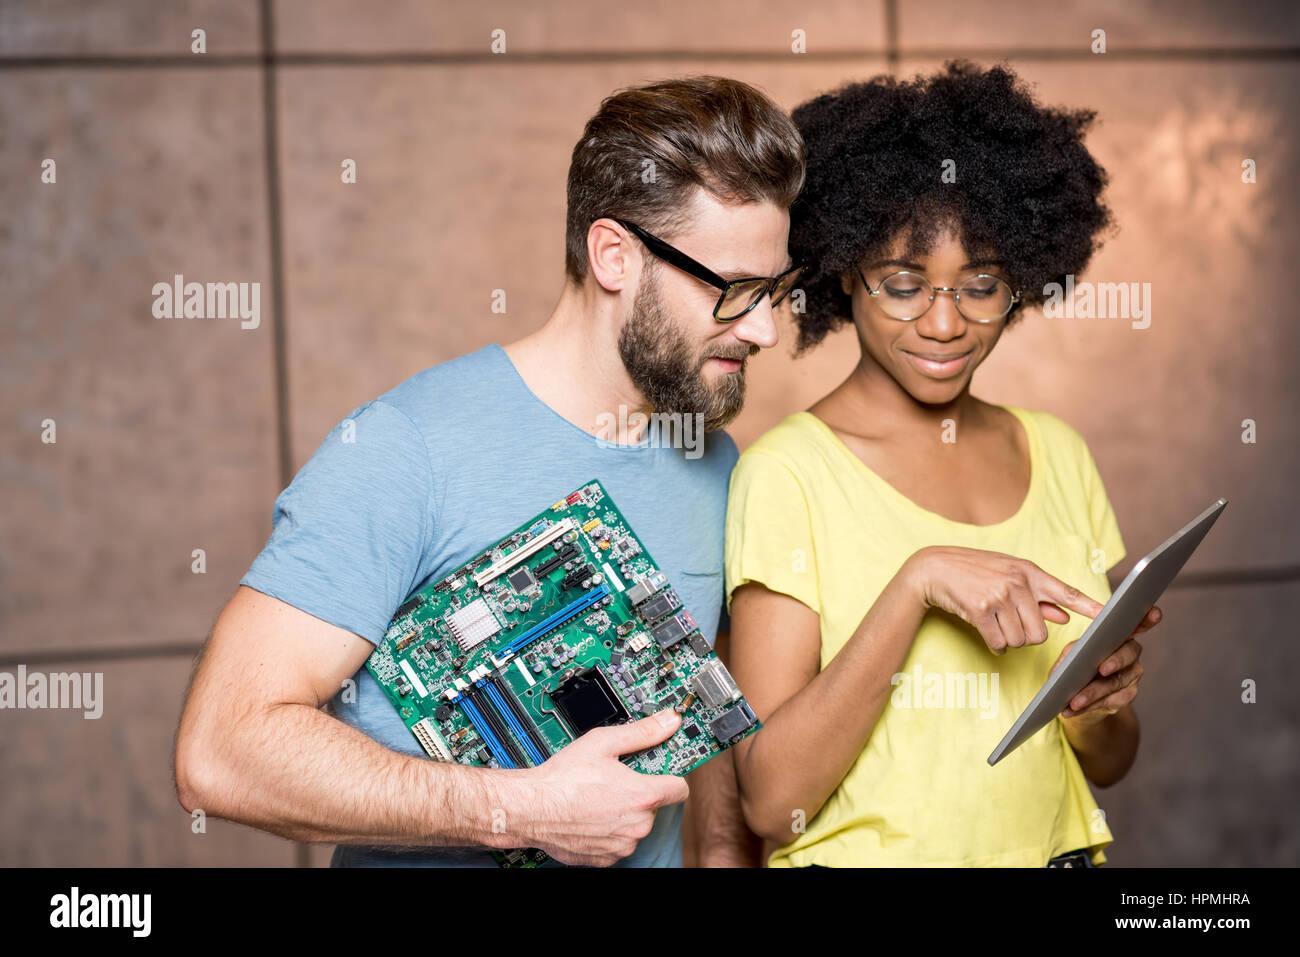 Programadores con la placa base del ordenador Imagen De Stock